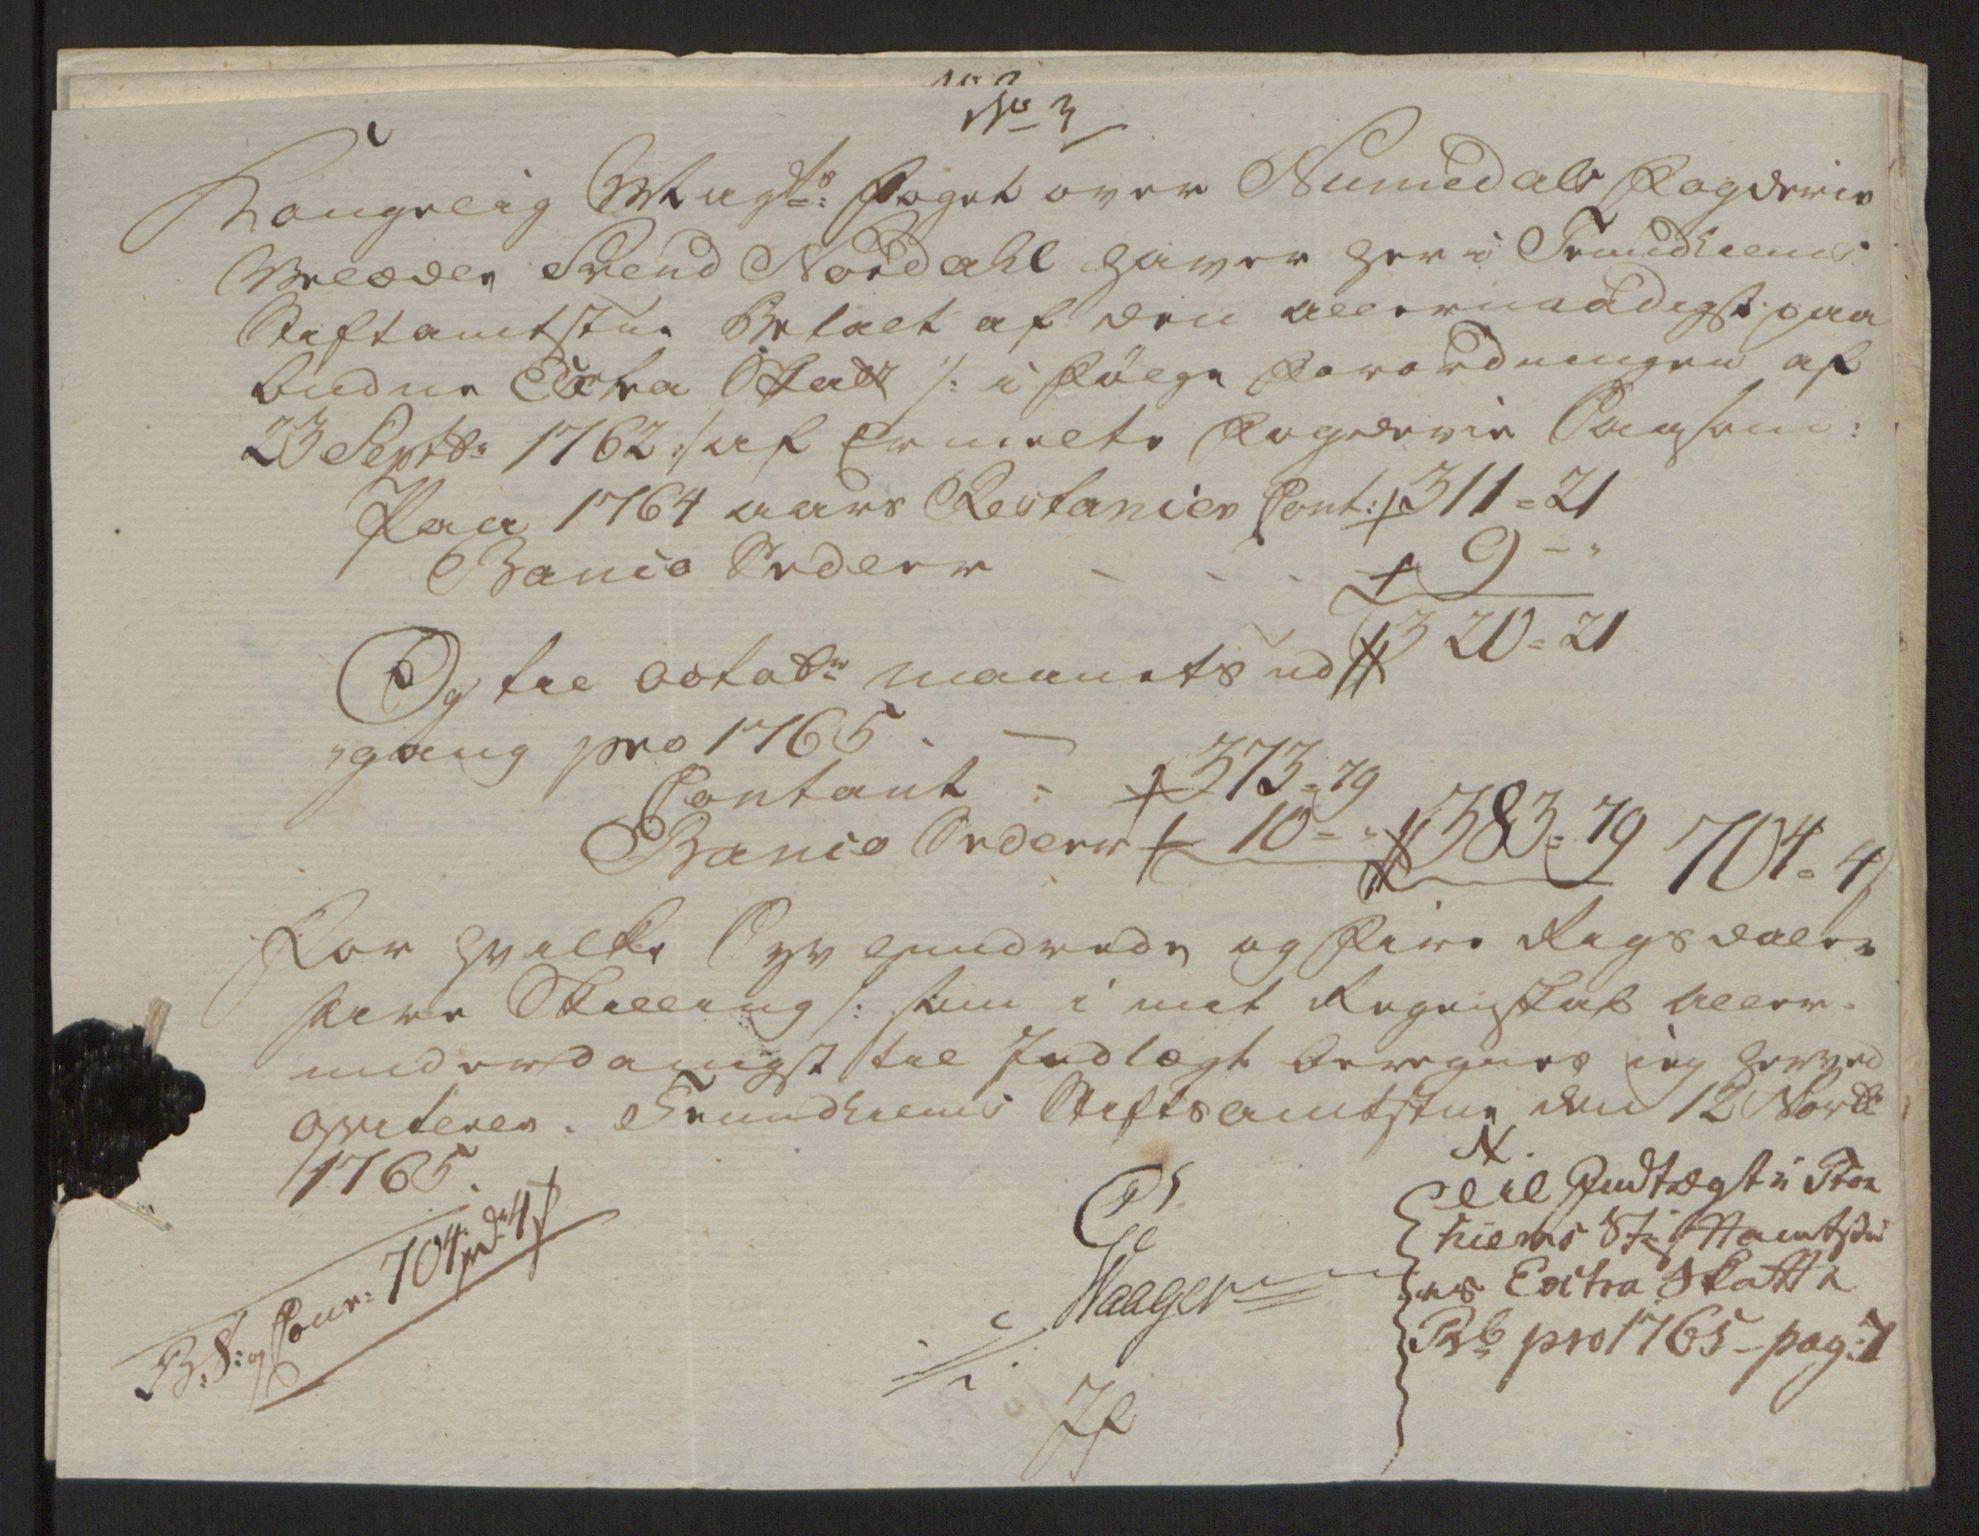 RA, Rentekammeret inntil 1814, Reviderte regnskaper, Fogderegnskap, R64/L4502: Ekstraskatten Namdal, 1762-1772, s. 207